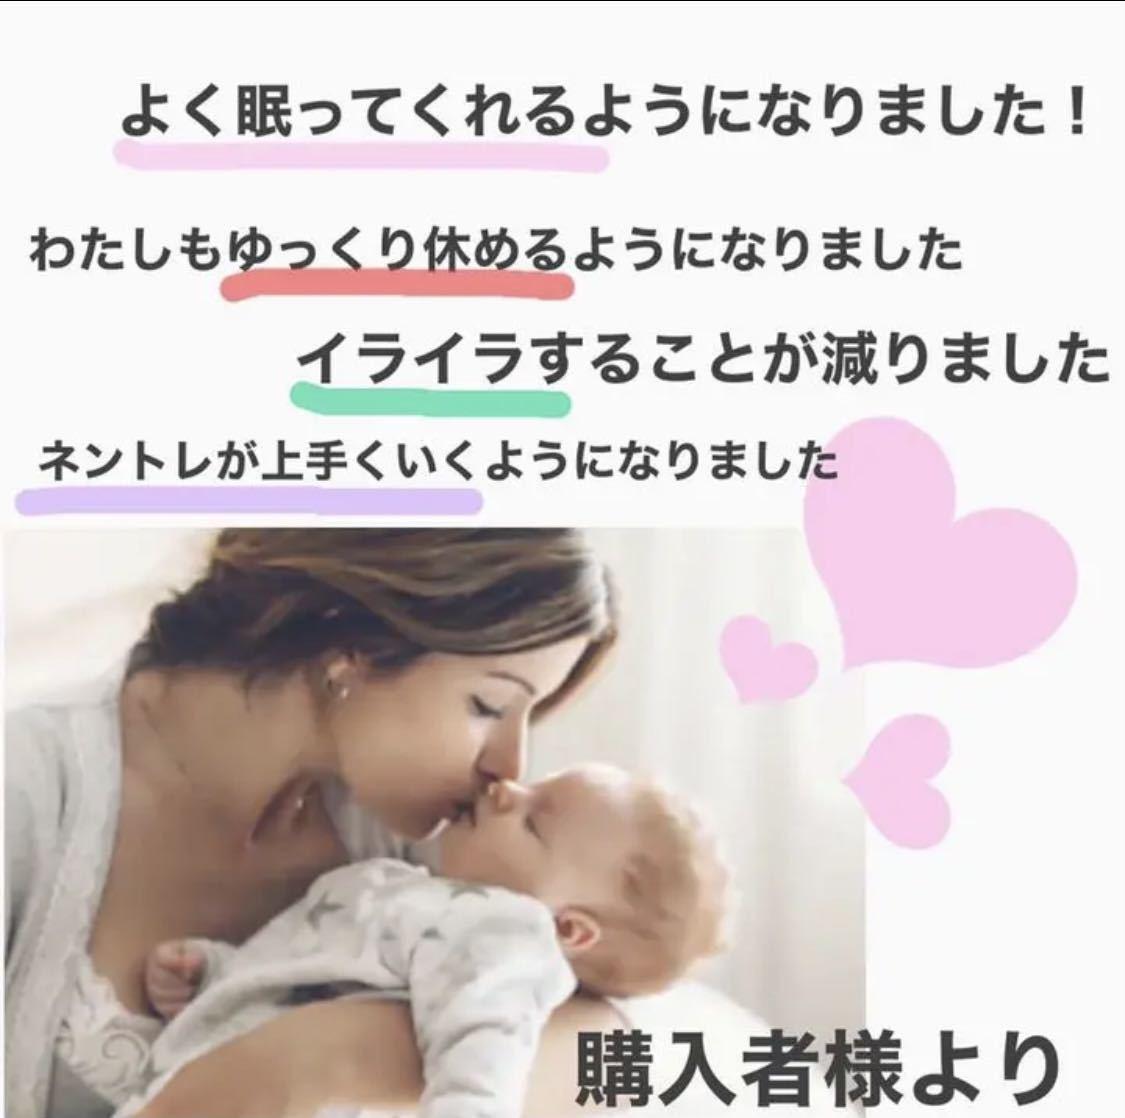 【新品】Mサイズ 奇跡のおくるみ モロー反射 寝かしつけ スワドルアップではなく 夜泣き対策 安眠くるみ 出産準備 赤ちゃん _画像7